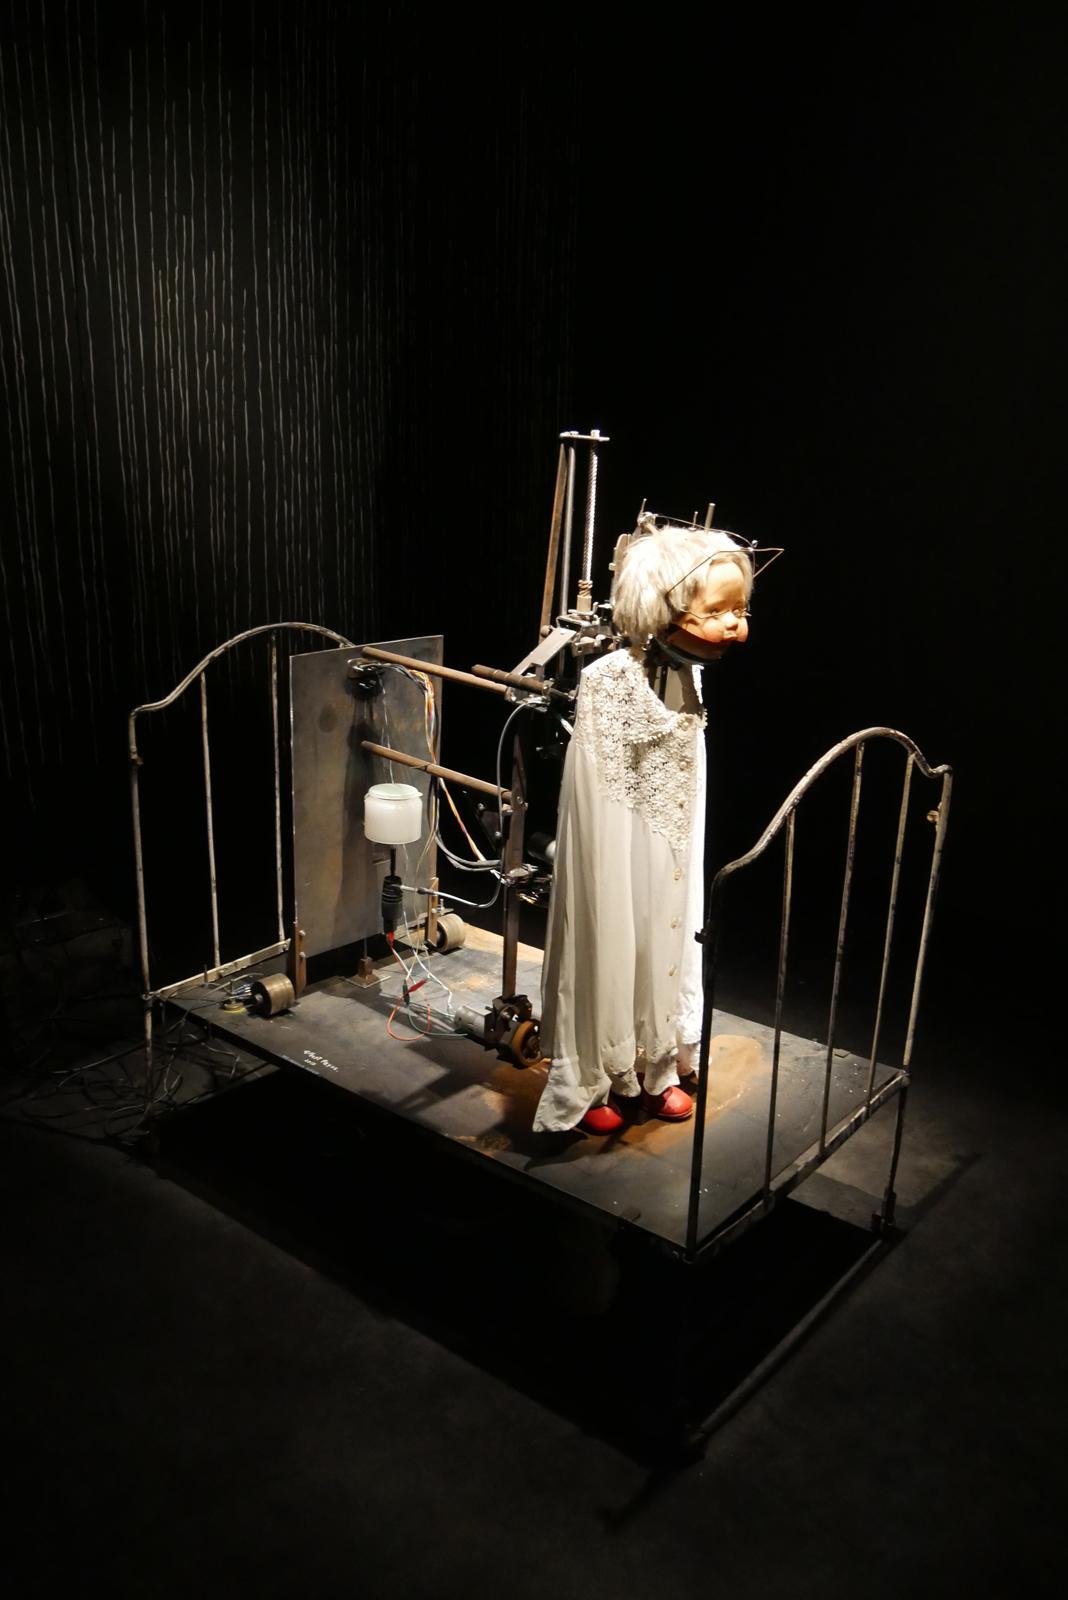 gilbert-peyre-la-petite-fille-2015-electromecanique-exposition-halle-saint-pierre-paris